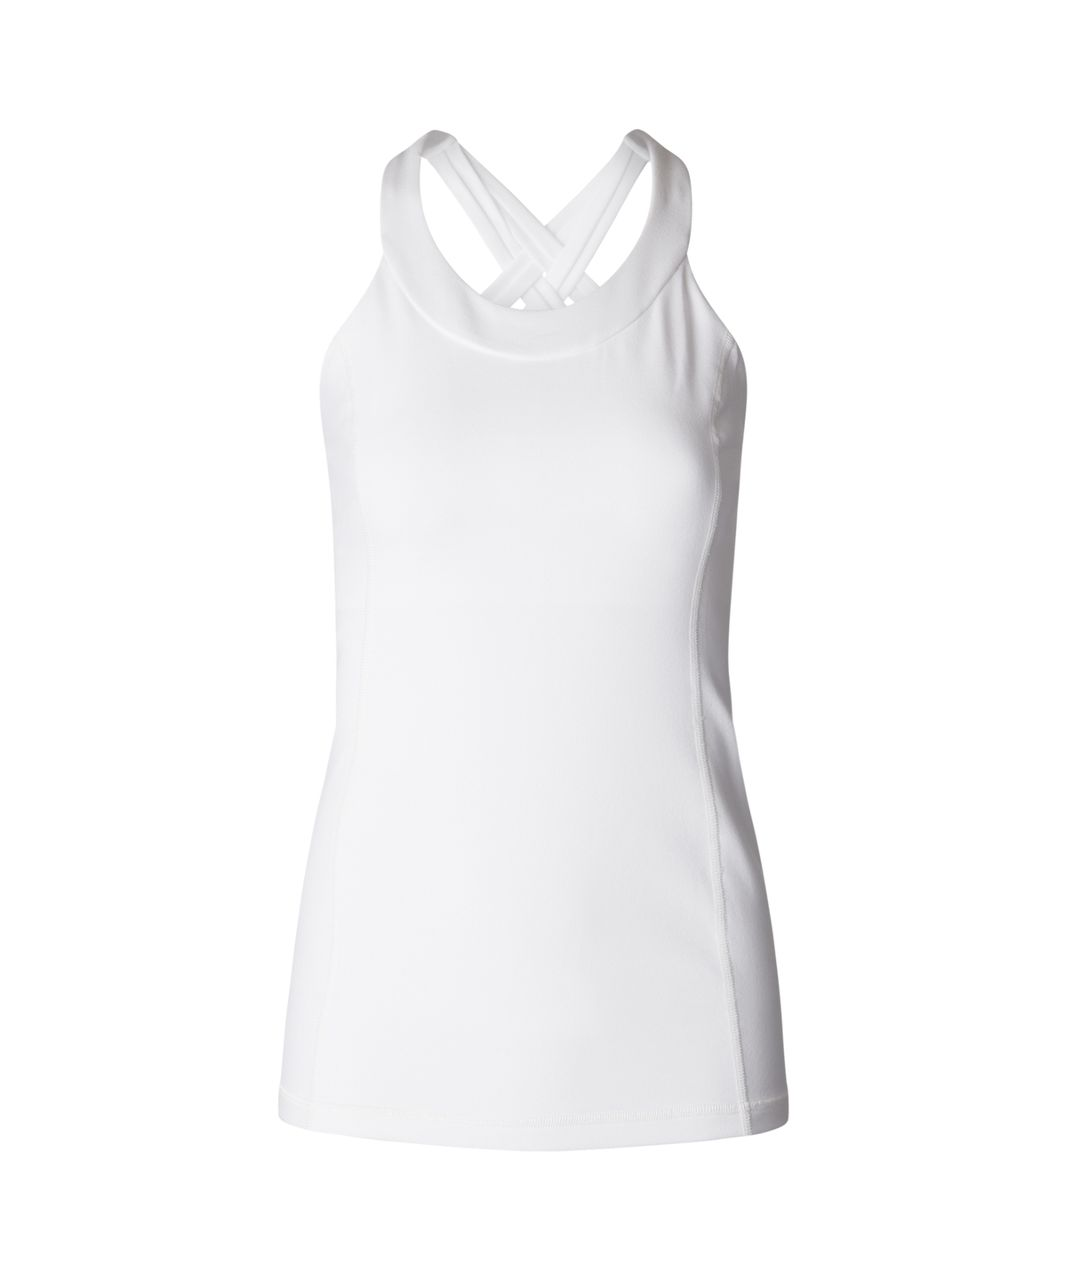 Lululemon Enhearten Tank - White